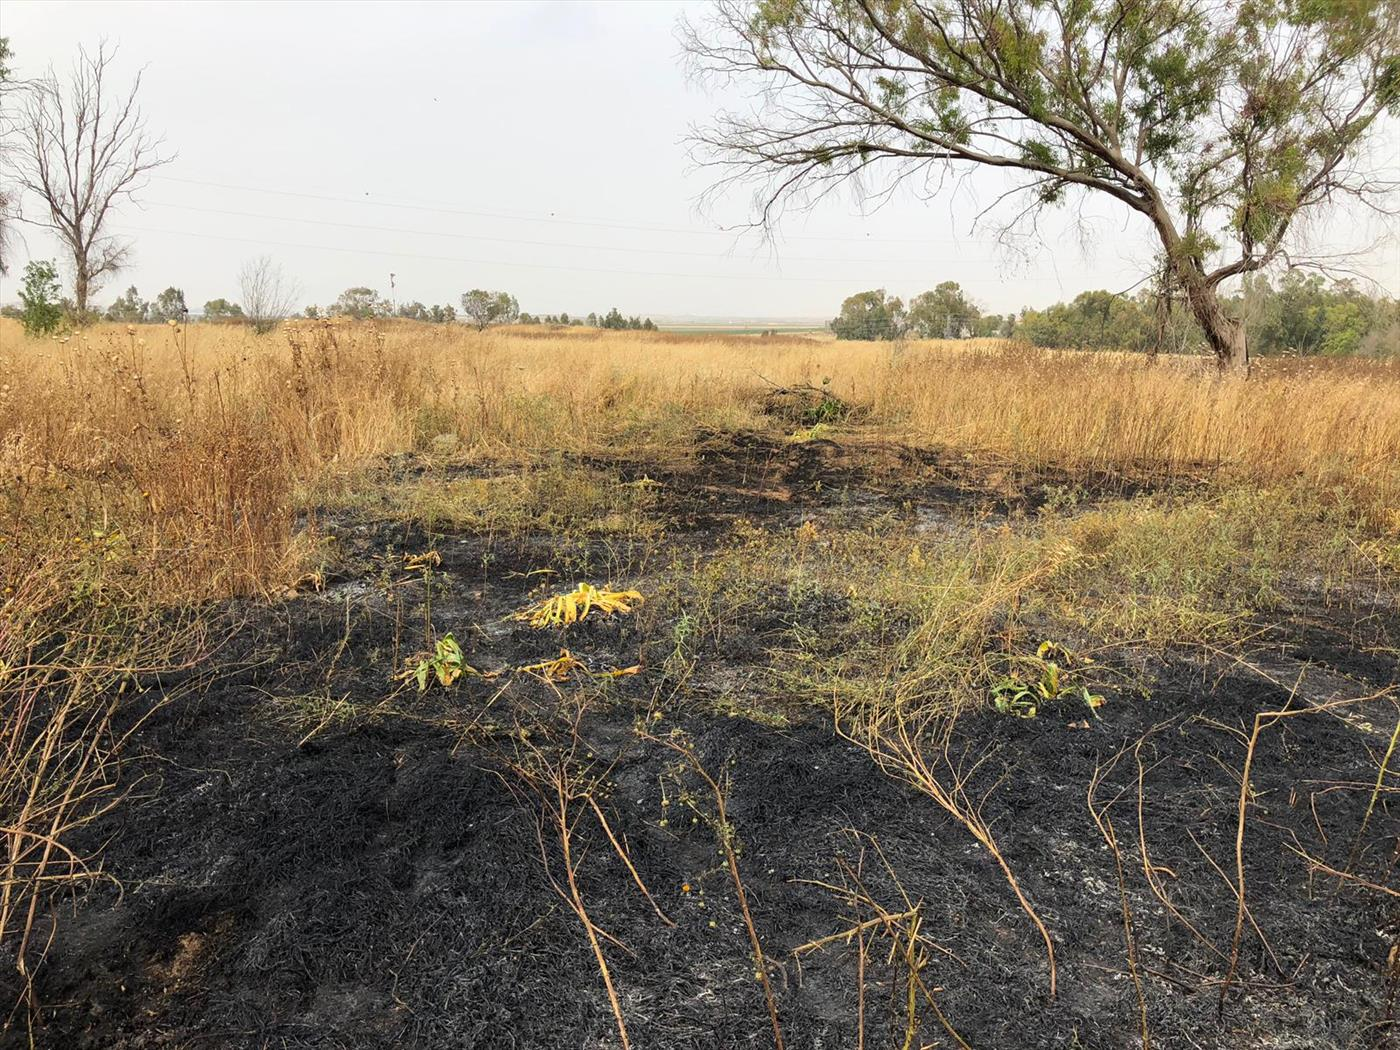 השריפה בנחל עוז  (צילום: חדשות 24/7 בפייסבוק)